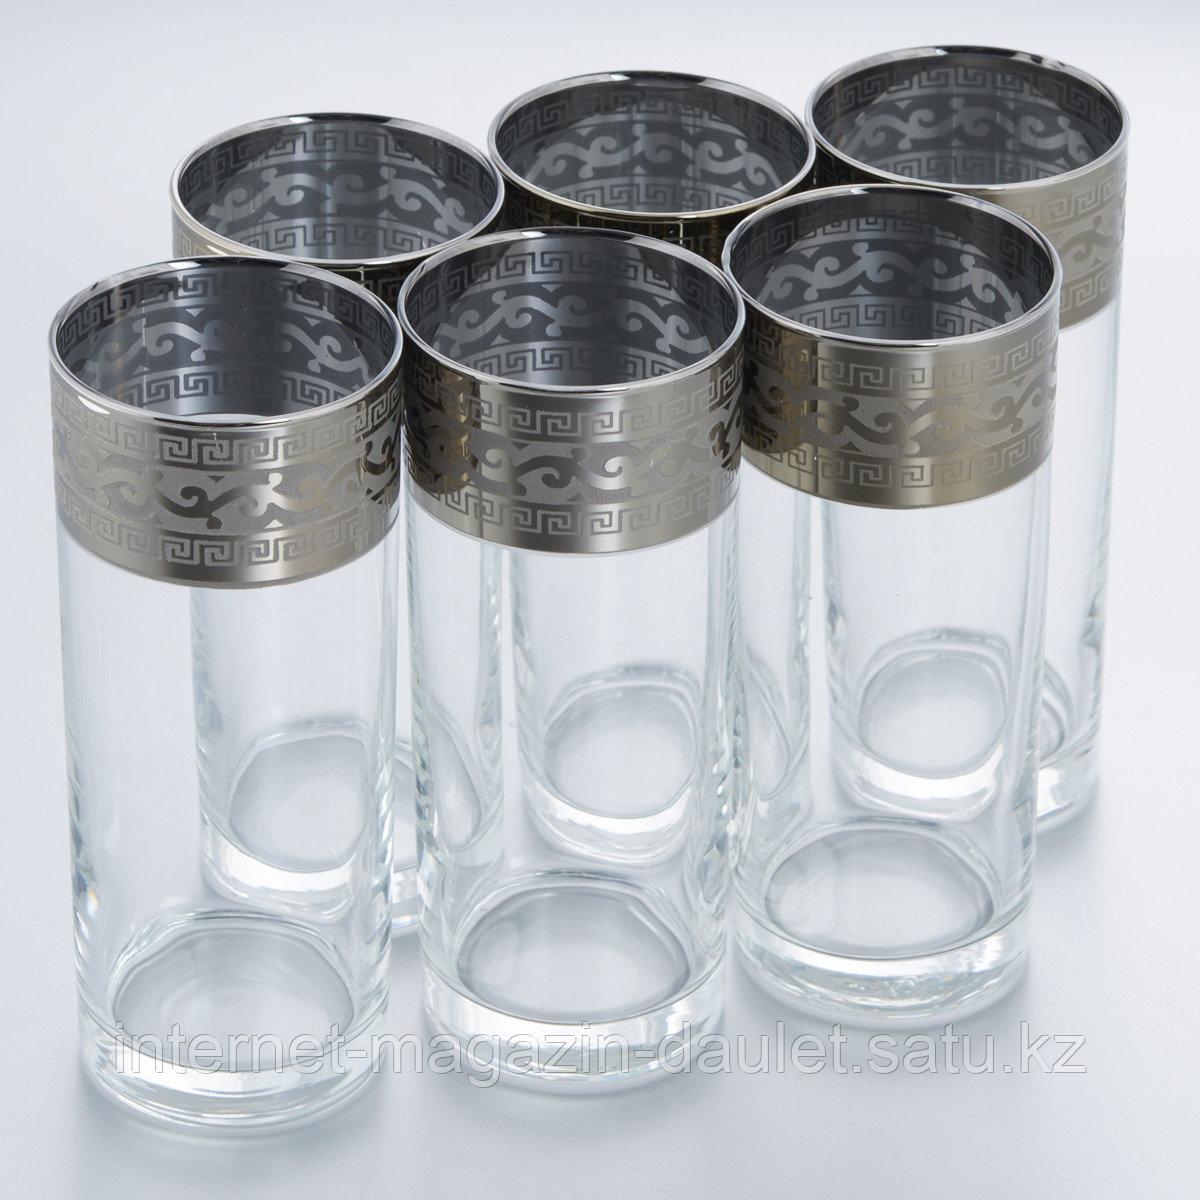 Набор стаканов ГУСЬ ХРУСТАЛЬНЫЙ GE08-402 Версаче с рисунком 6шт для сока 290мл